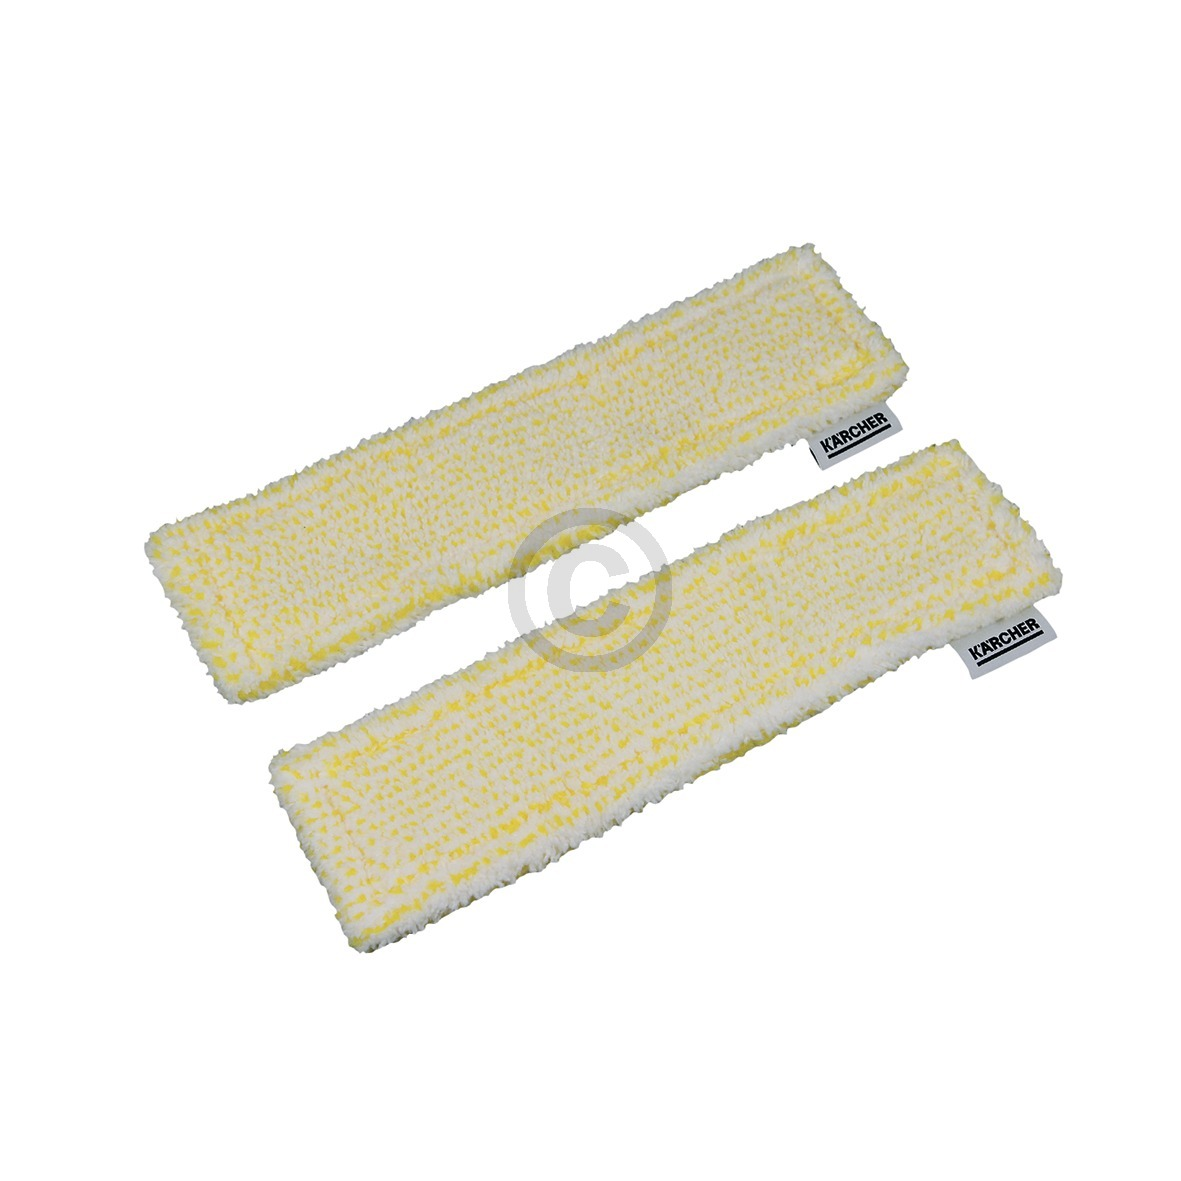 Mikrofaser-Wischbezug Indoor für Akku-Fenstersauger, 2 Stück 2.633-130.0 Kärcher